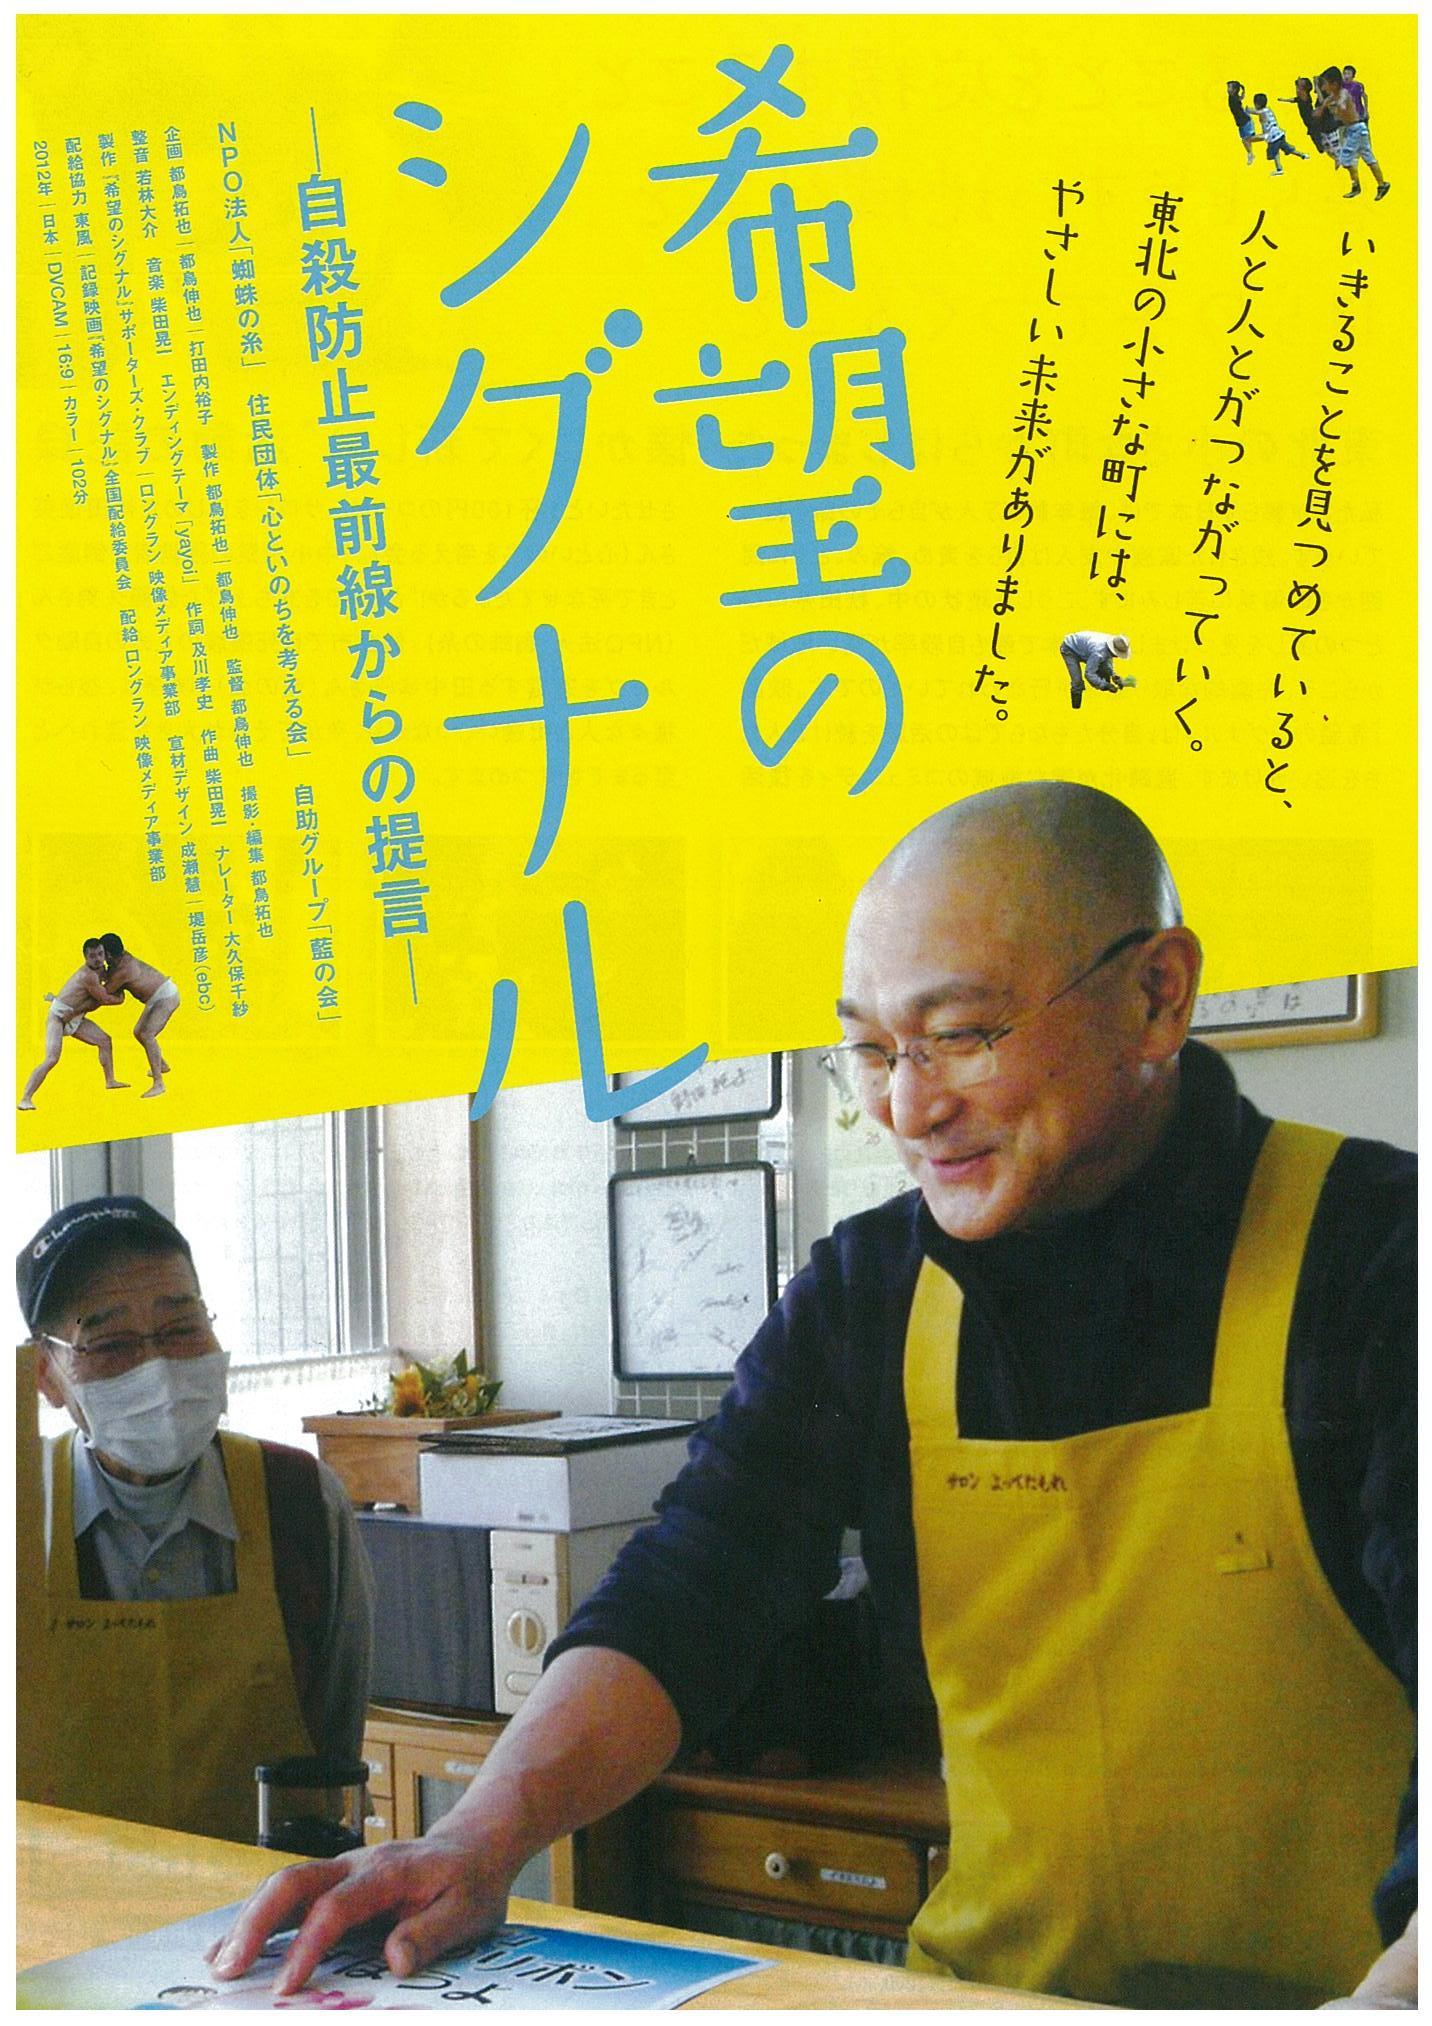 映画「希望のシグナル」ちらし_a0103650_1564283.jpg